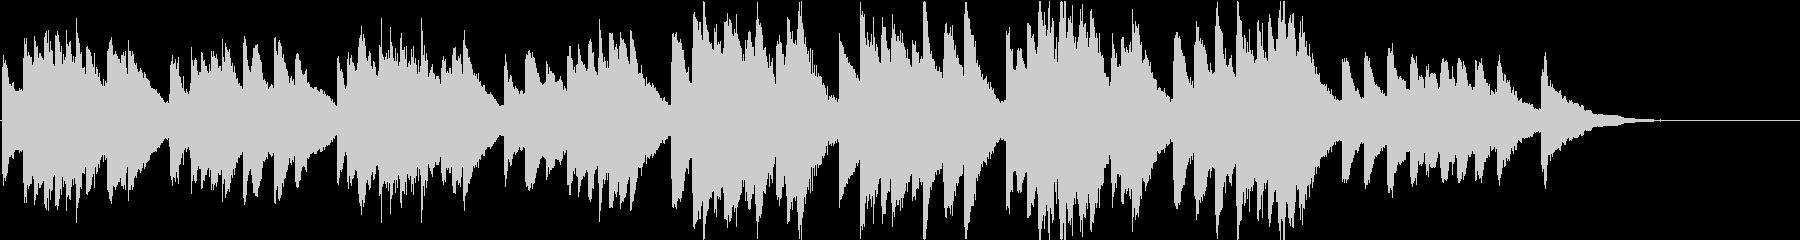 時報・チャイム風の名曲のメロディ・20の未再生の波形